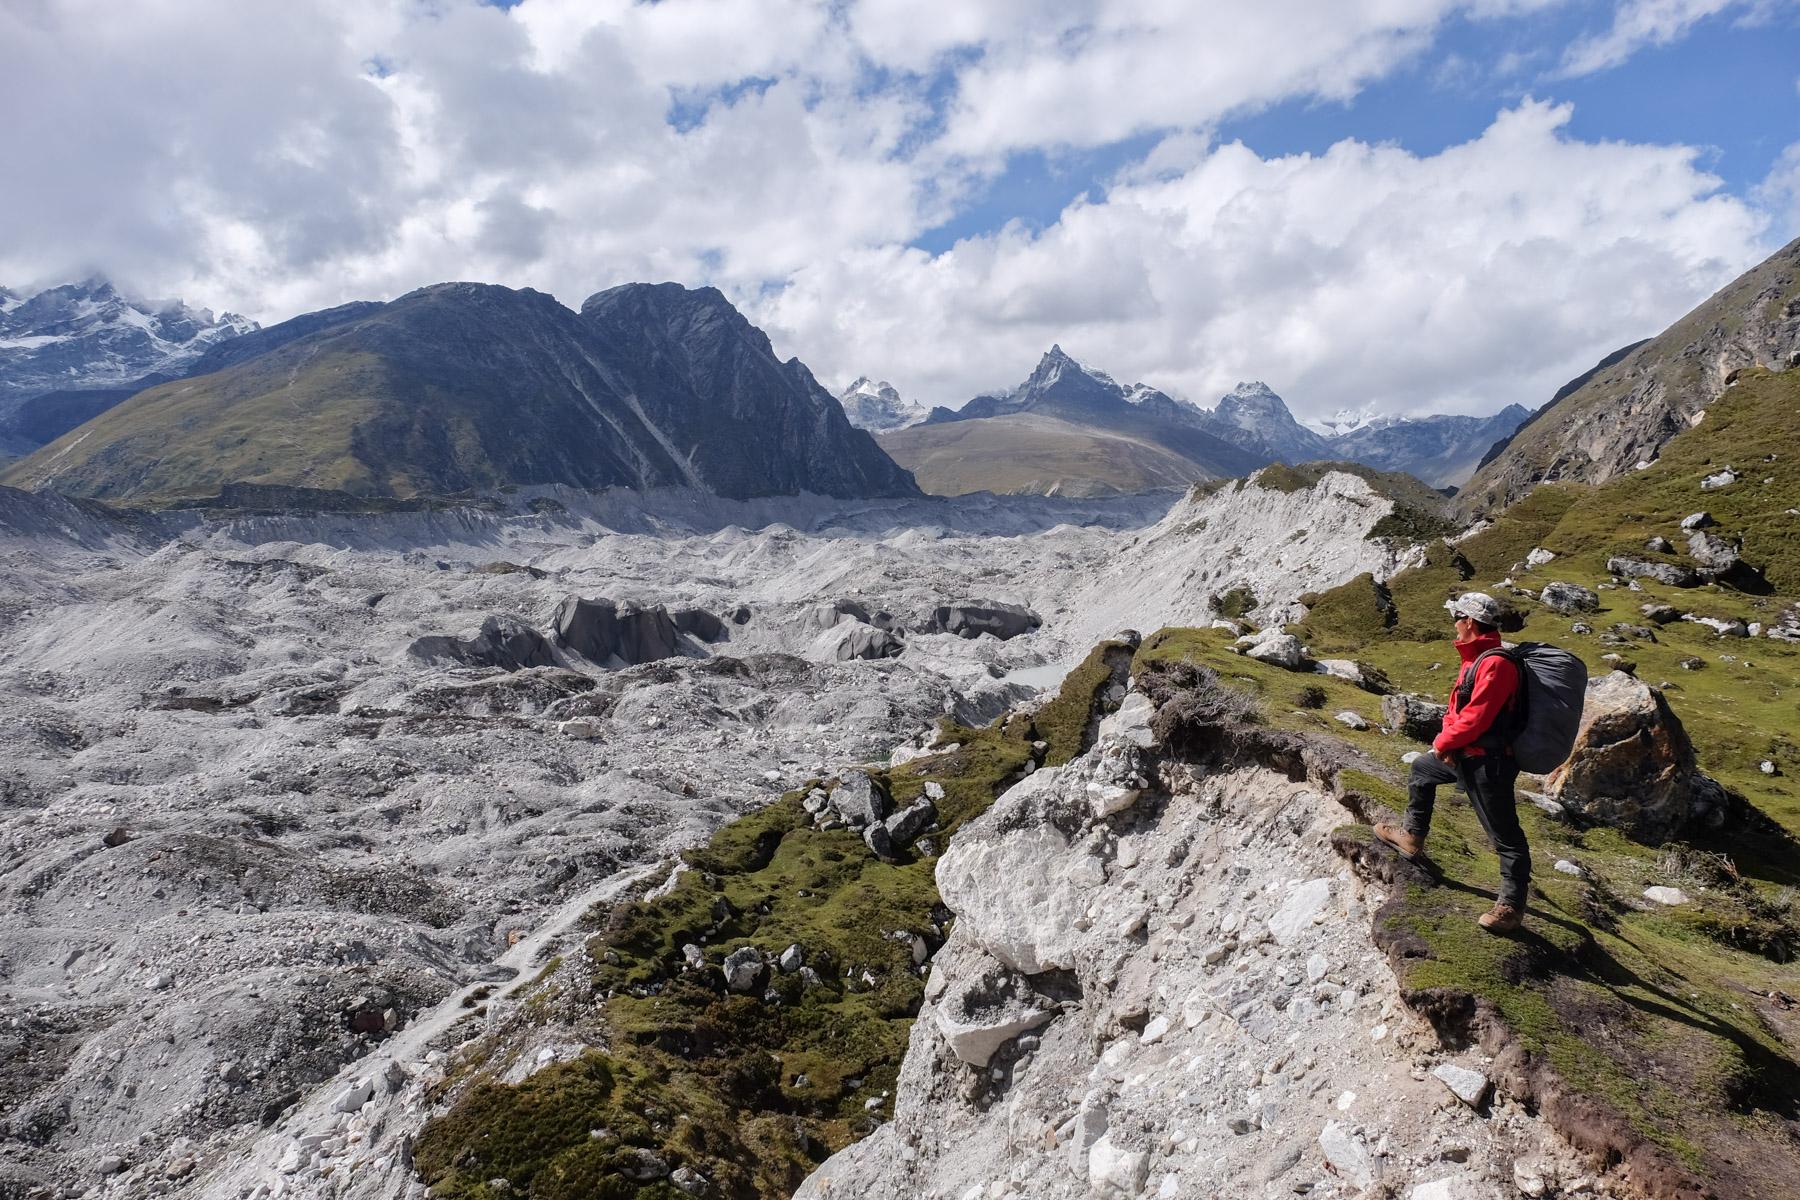 Kala Patthar & Gokyo, Everest 3 pass #3 60